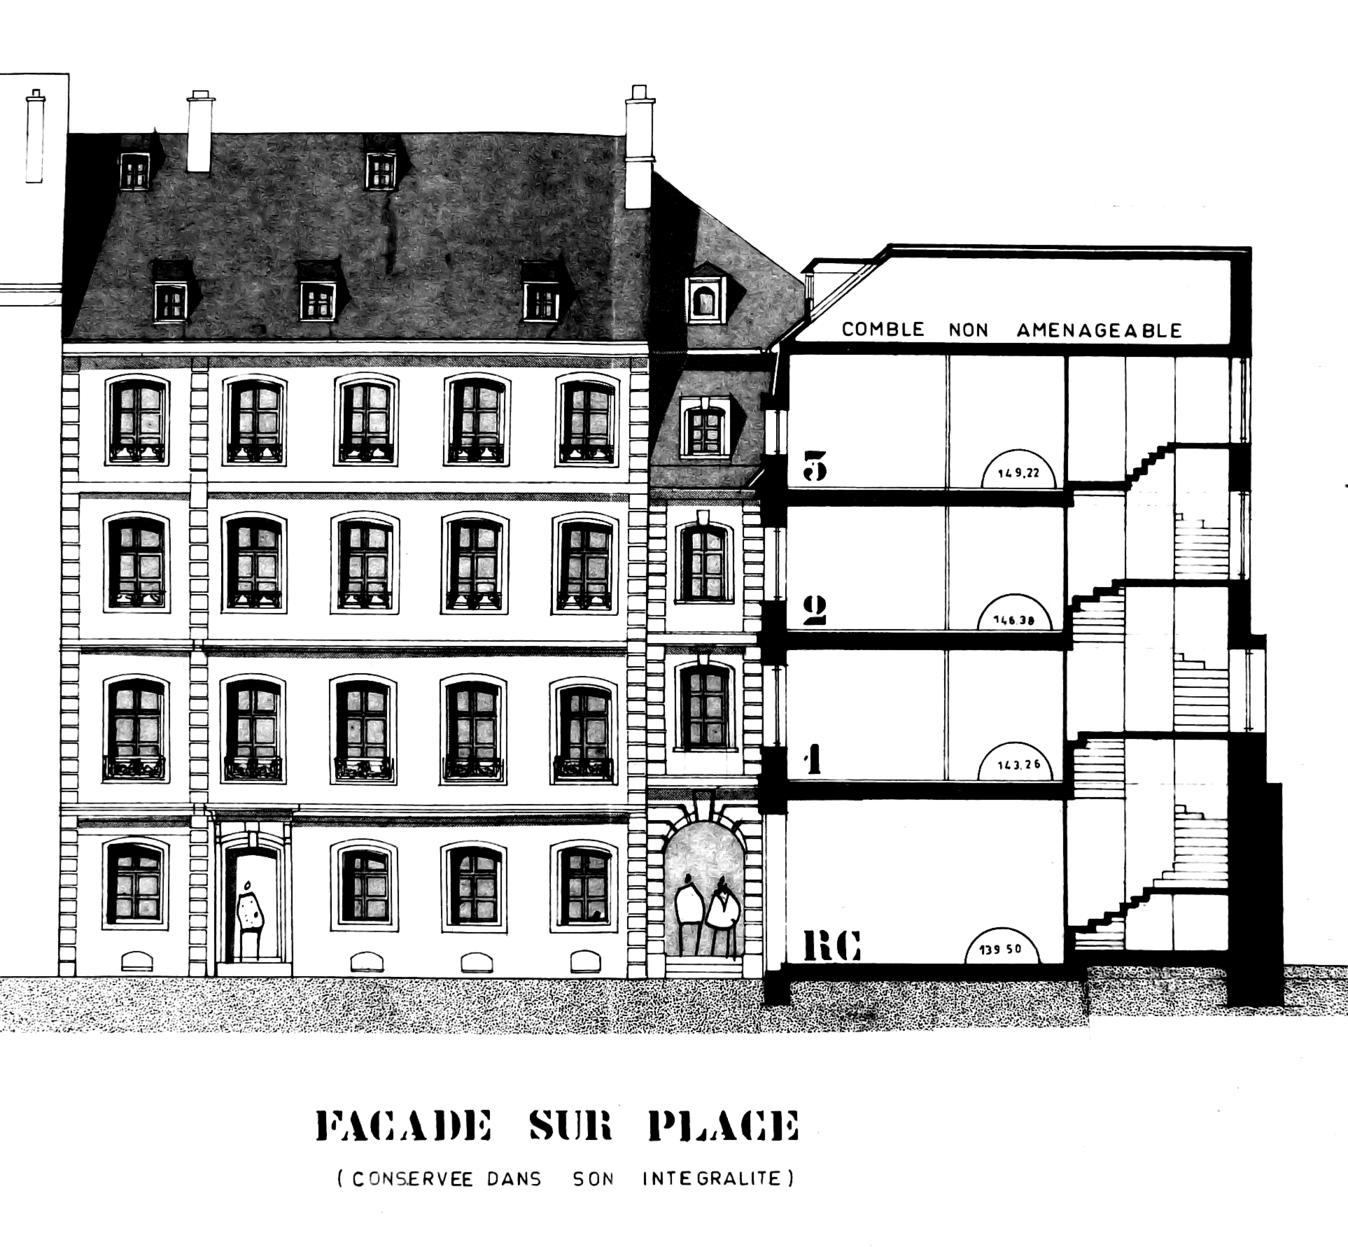 Cours De Dessin Montbéliard maisons de strasbourg » résultats de recherche » 27 quai des